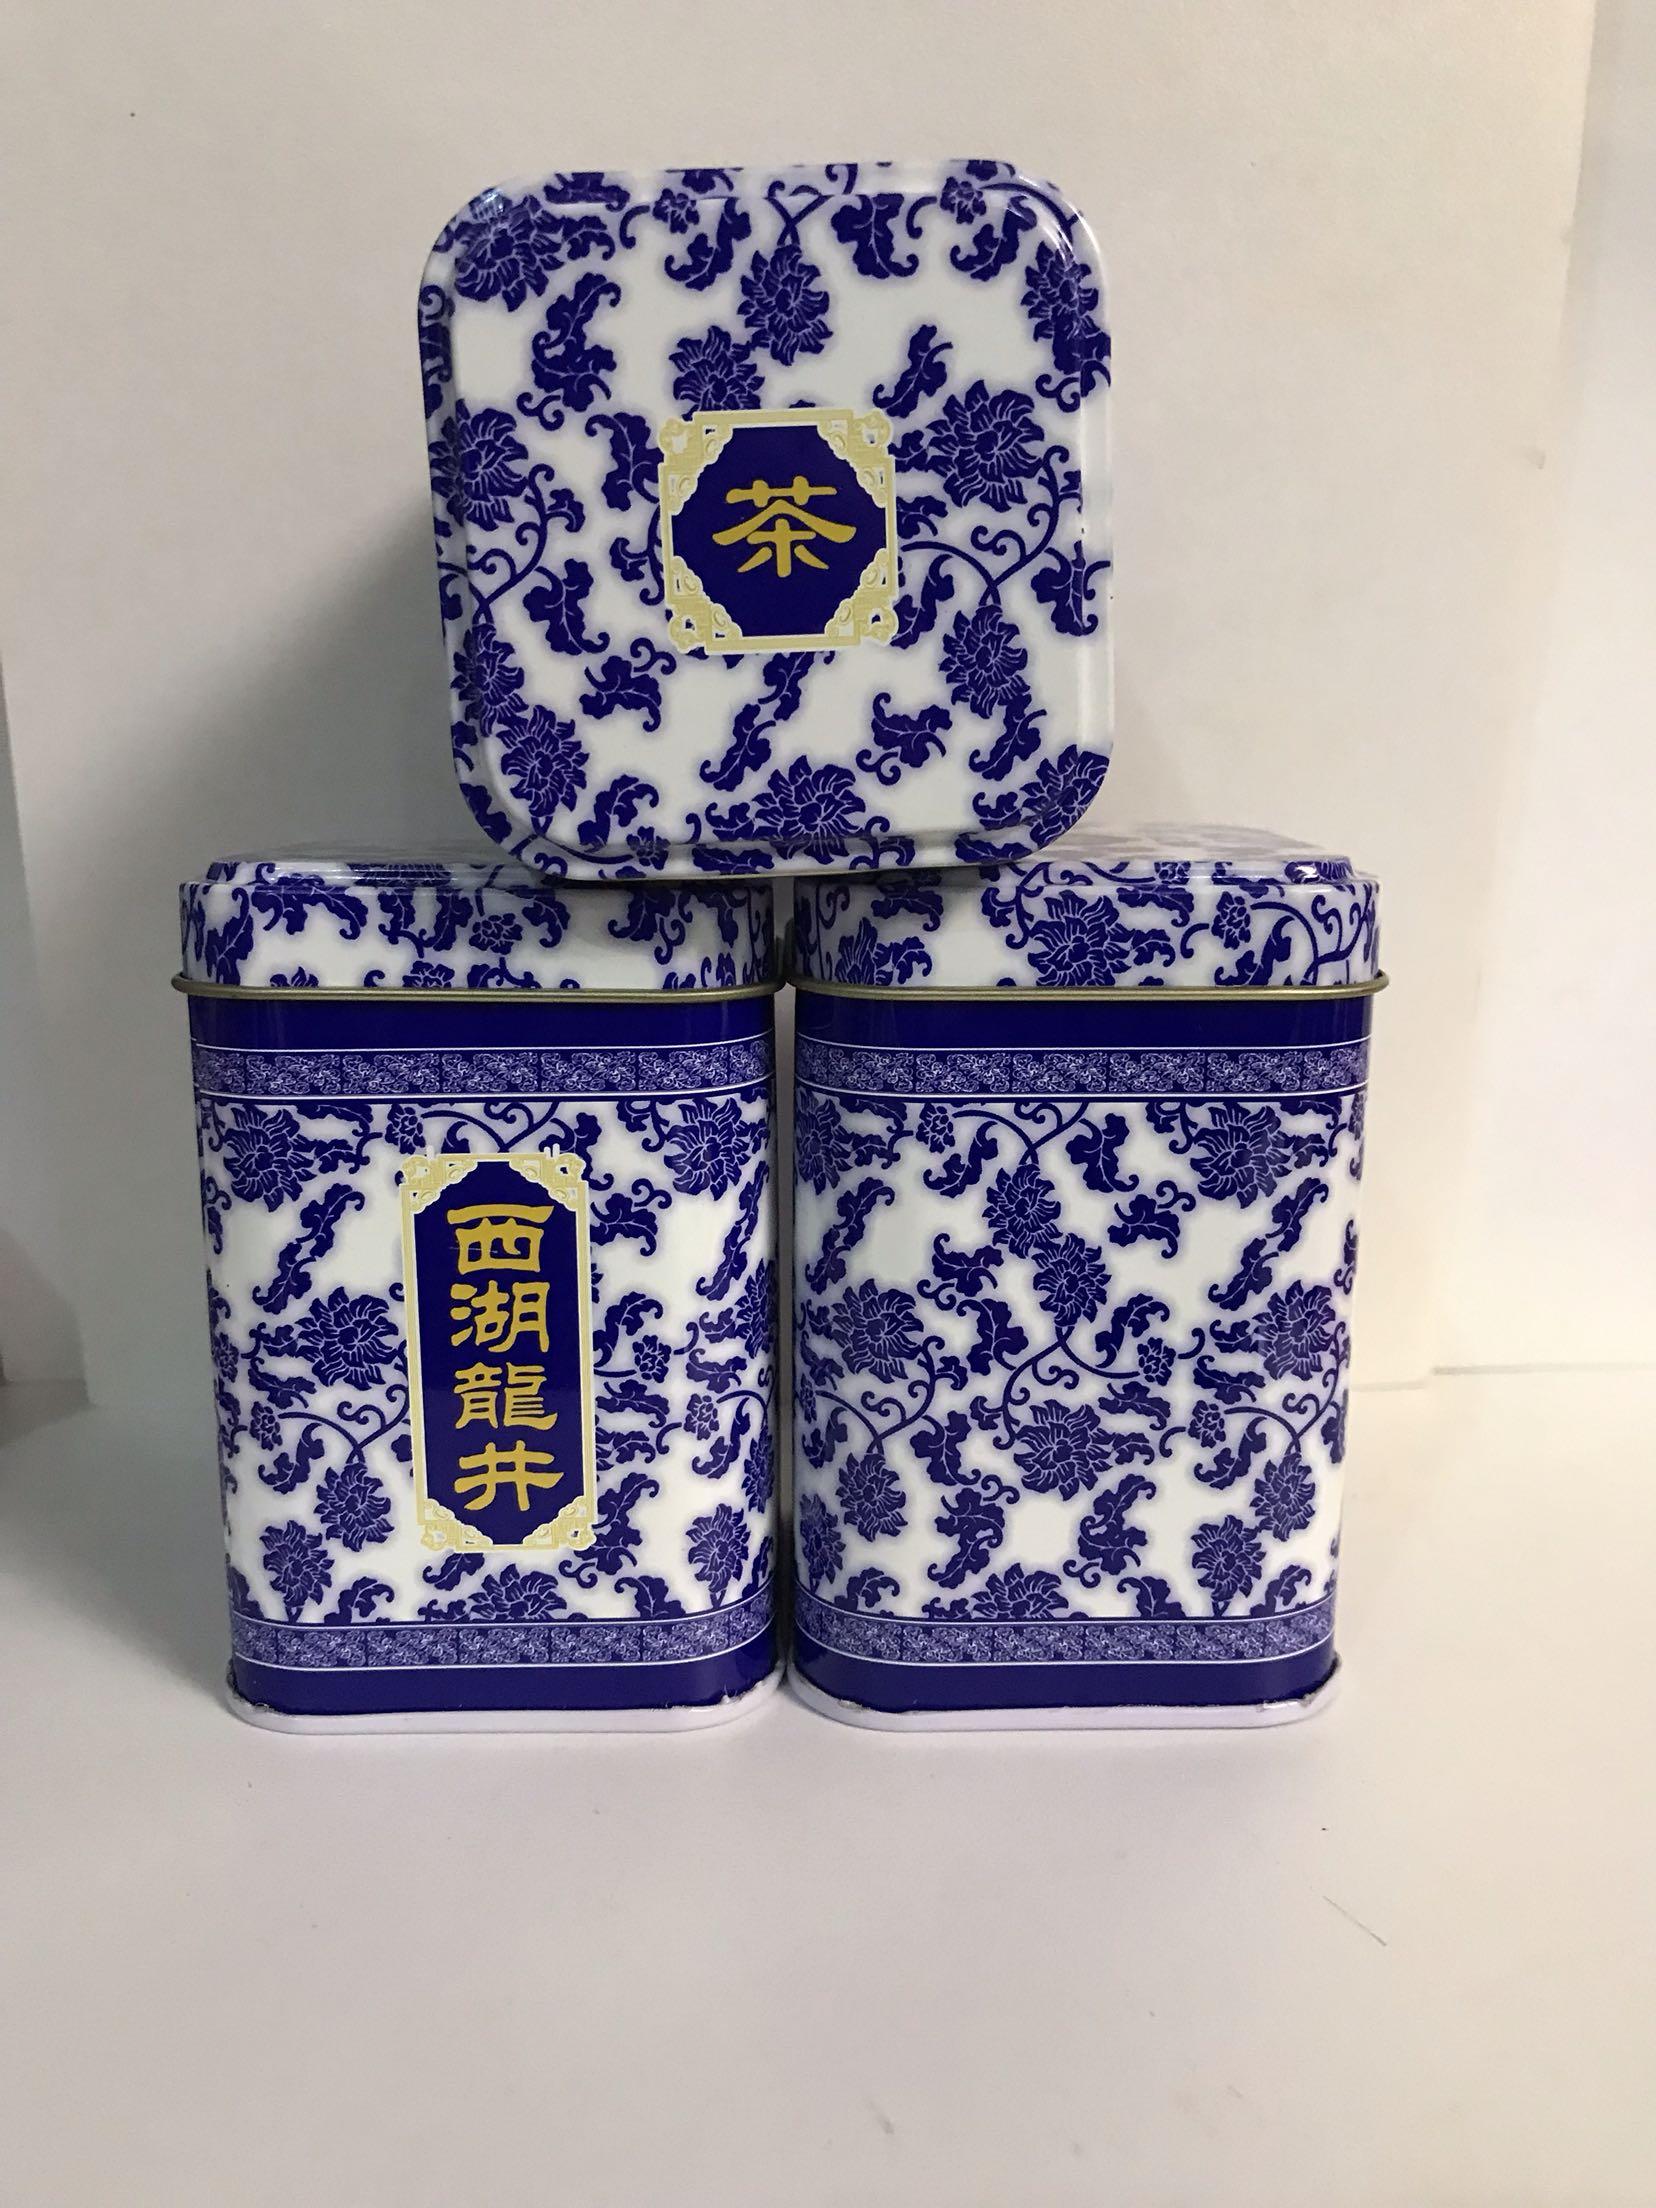 西湖龙井茶铁罐空盒茶叶包装盒小样小泡茶50克铁听单品